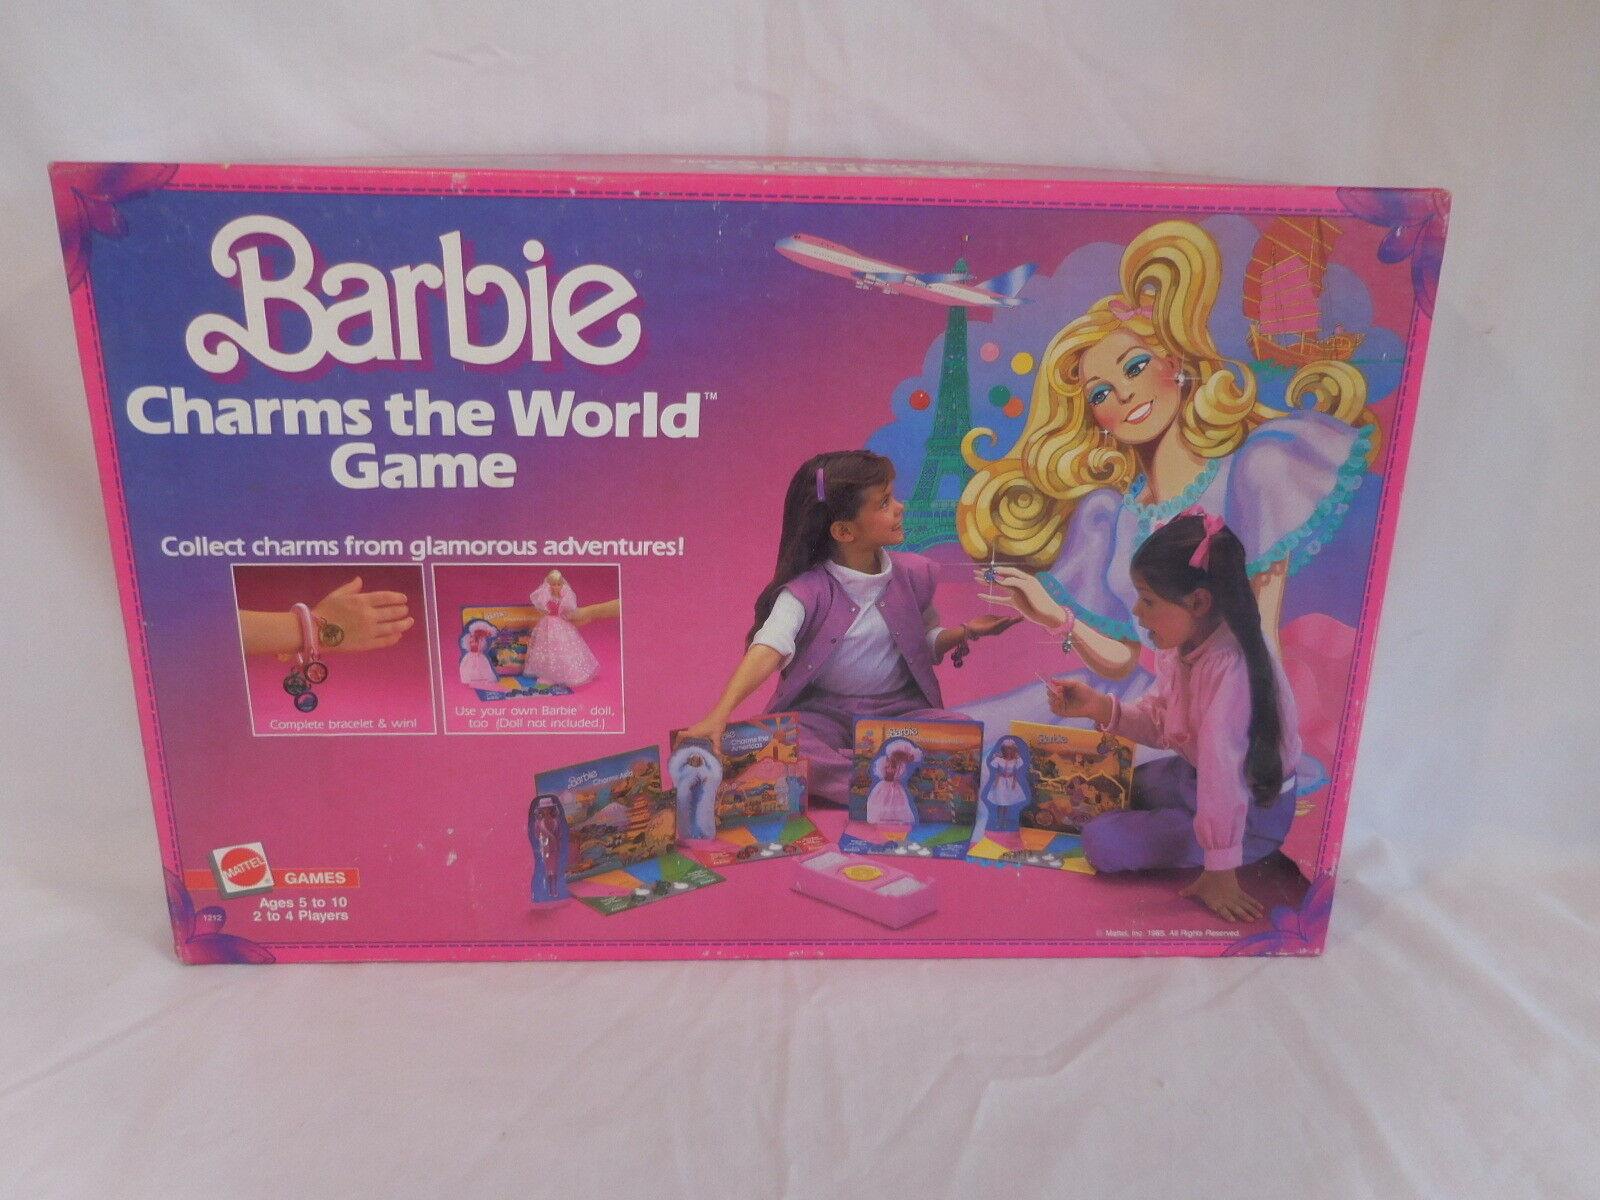 Barbie encantos del mundo juego Rara Vintage difícil de encontrar usado 1985 Mattel